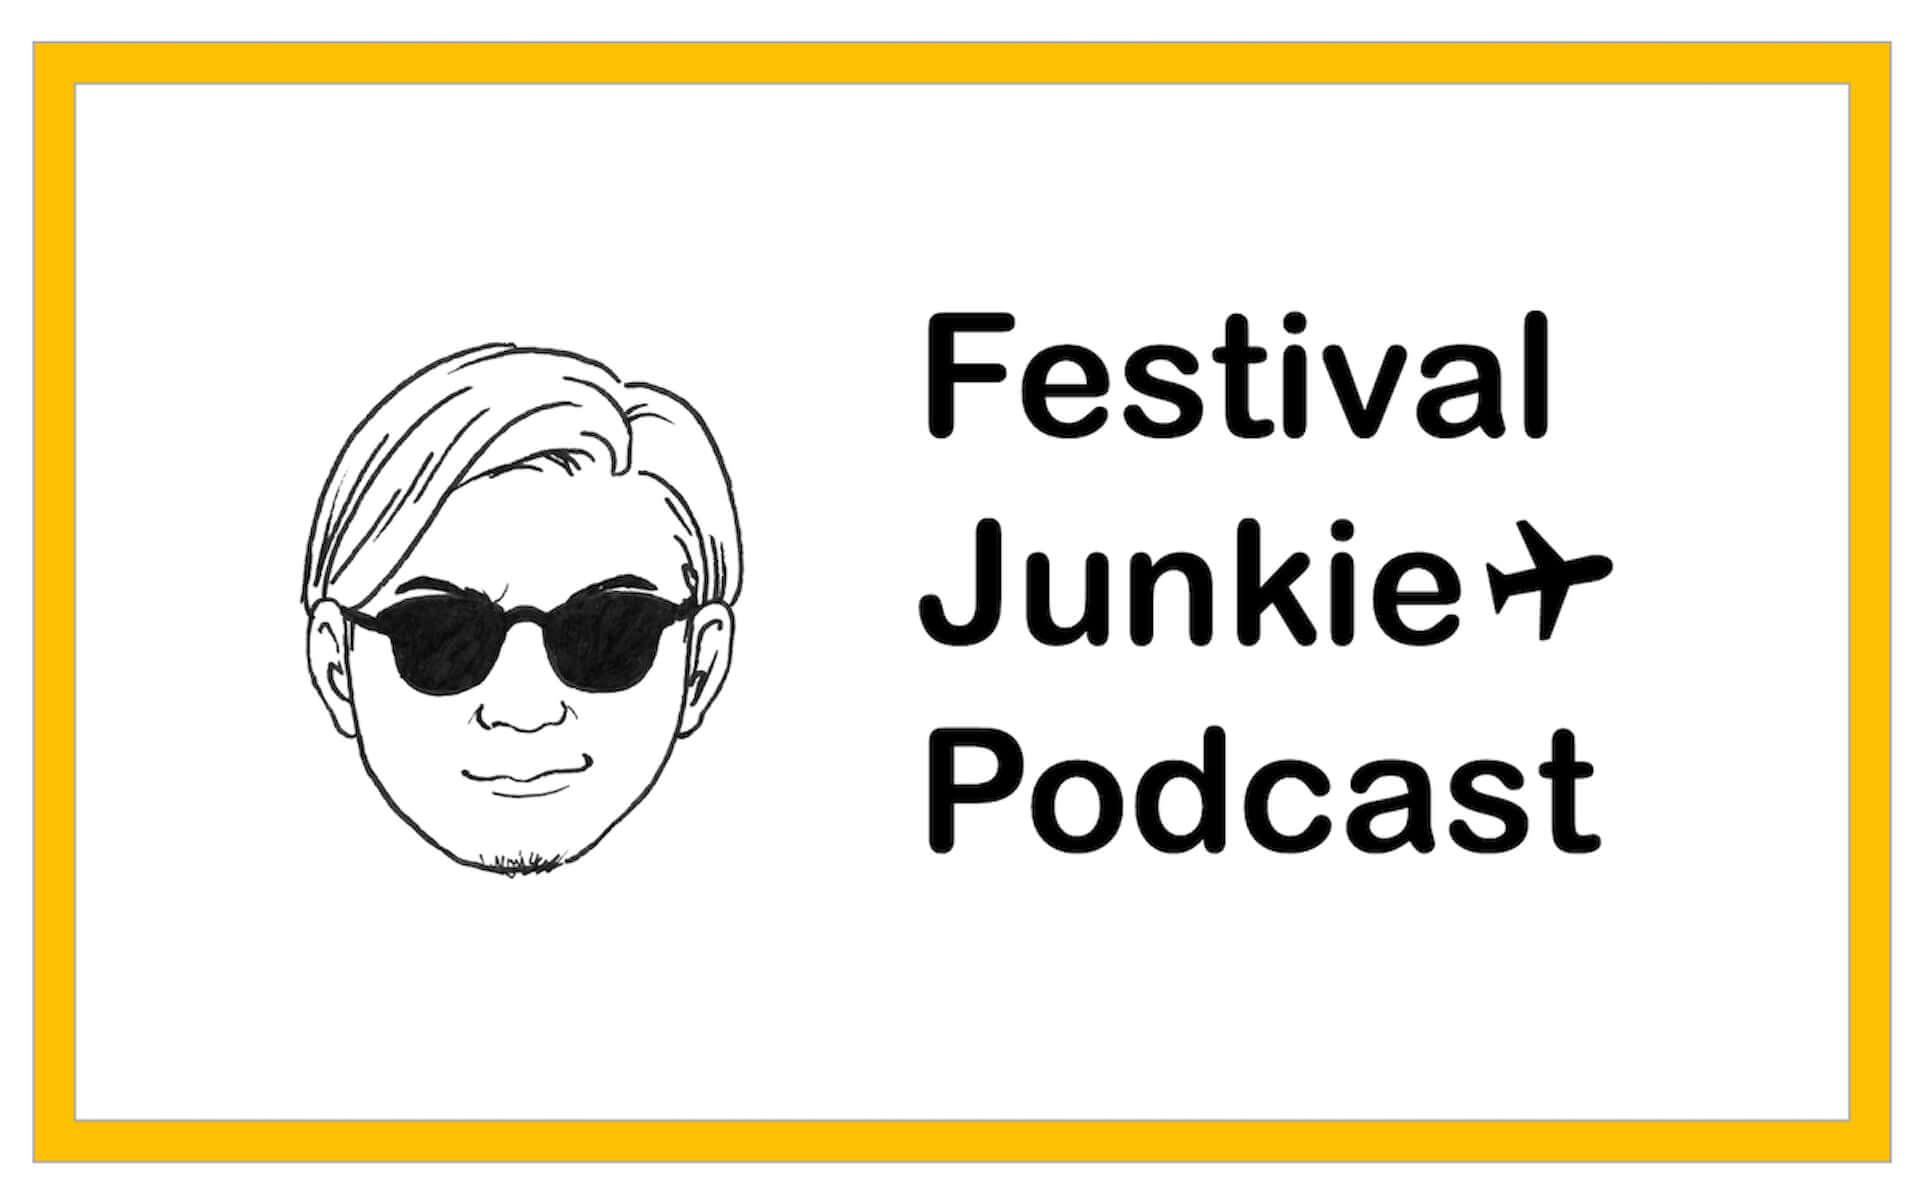 津田昌太朗の『Festival Junkie Podcast』にて<フジロック>特集が配信中!ハライチ・澤部佑、宇宙大使☆スターも登場 art2000821_festival-junkie_2-1920x1189